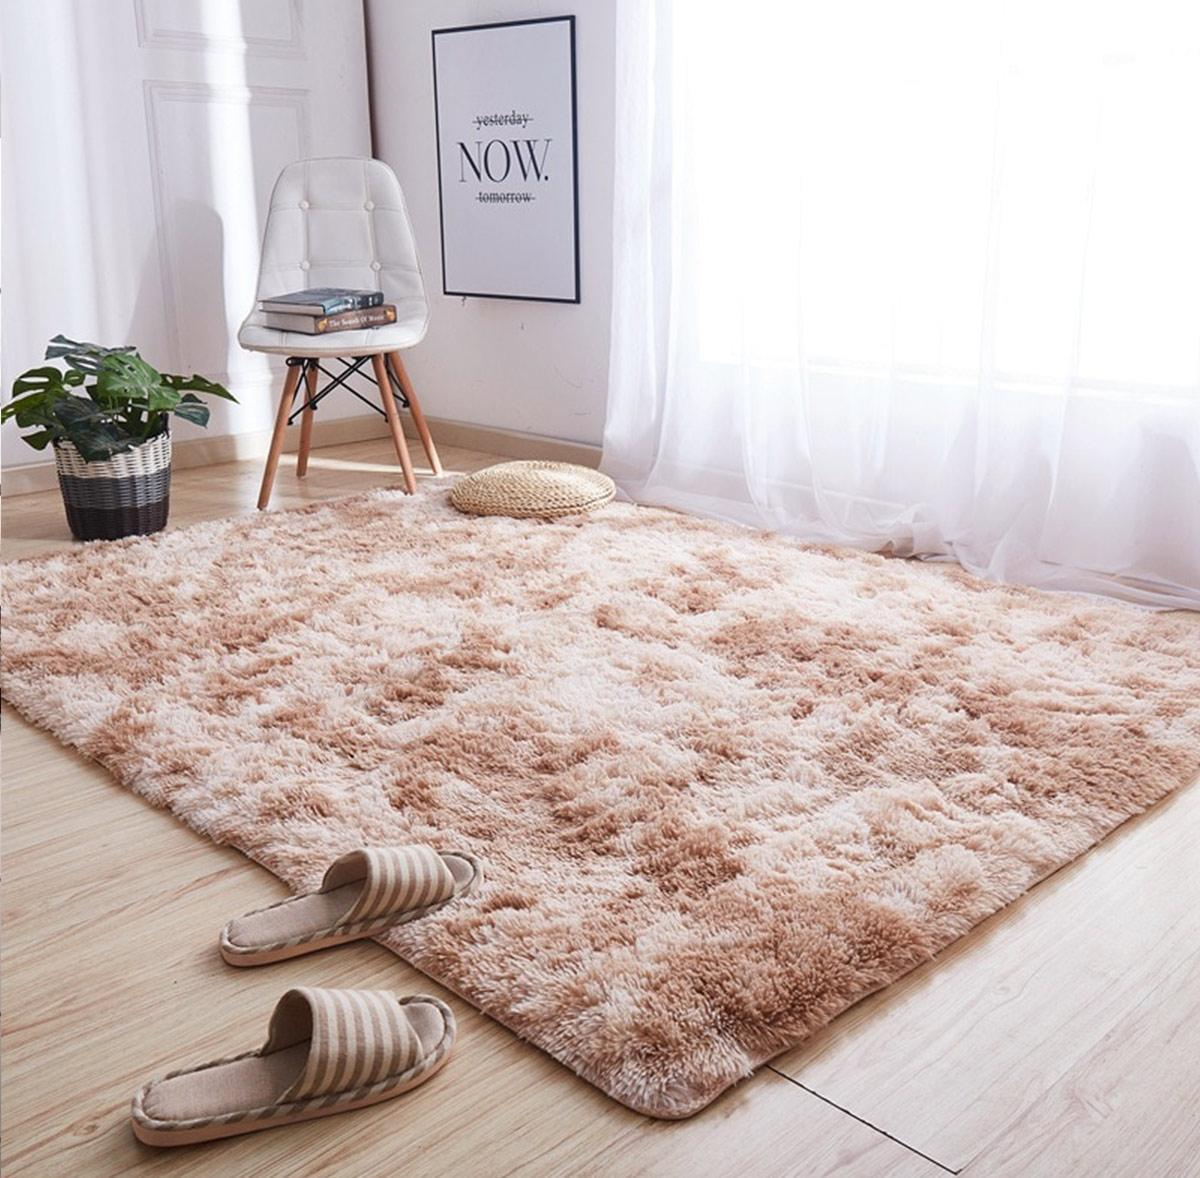 tự trang trí phòng ngủ với thảm lót sàn